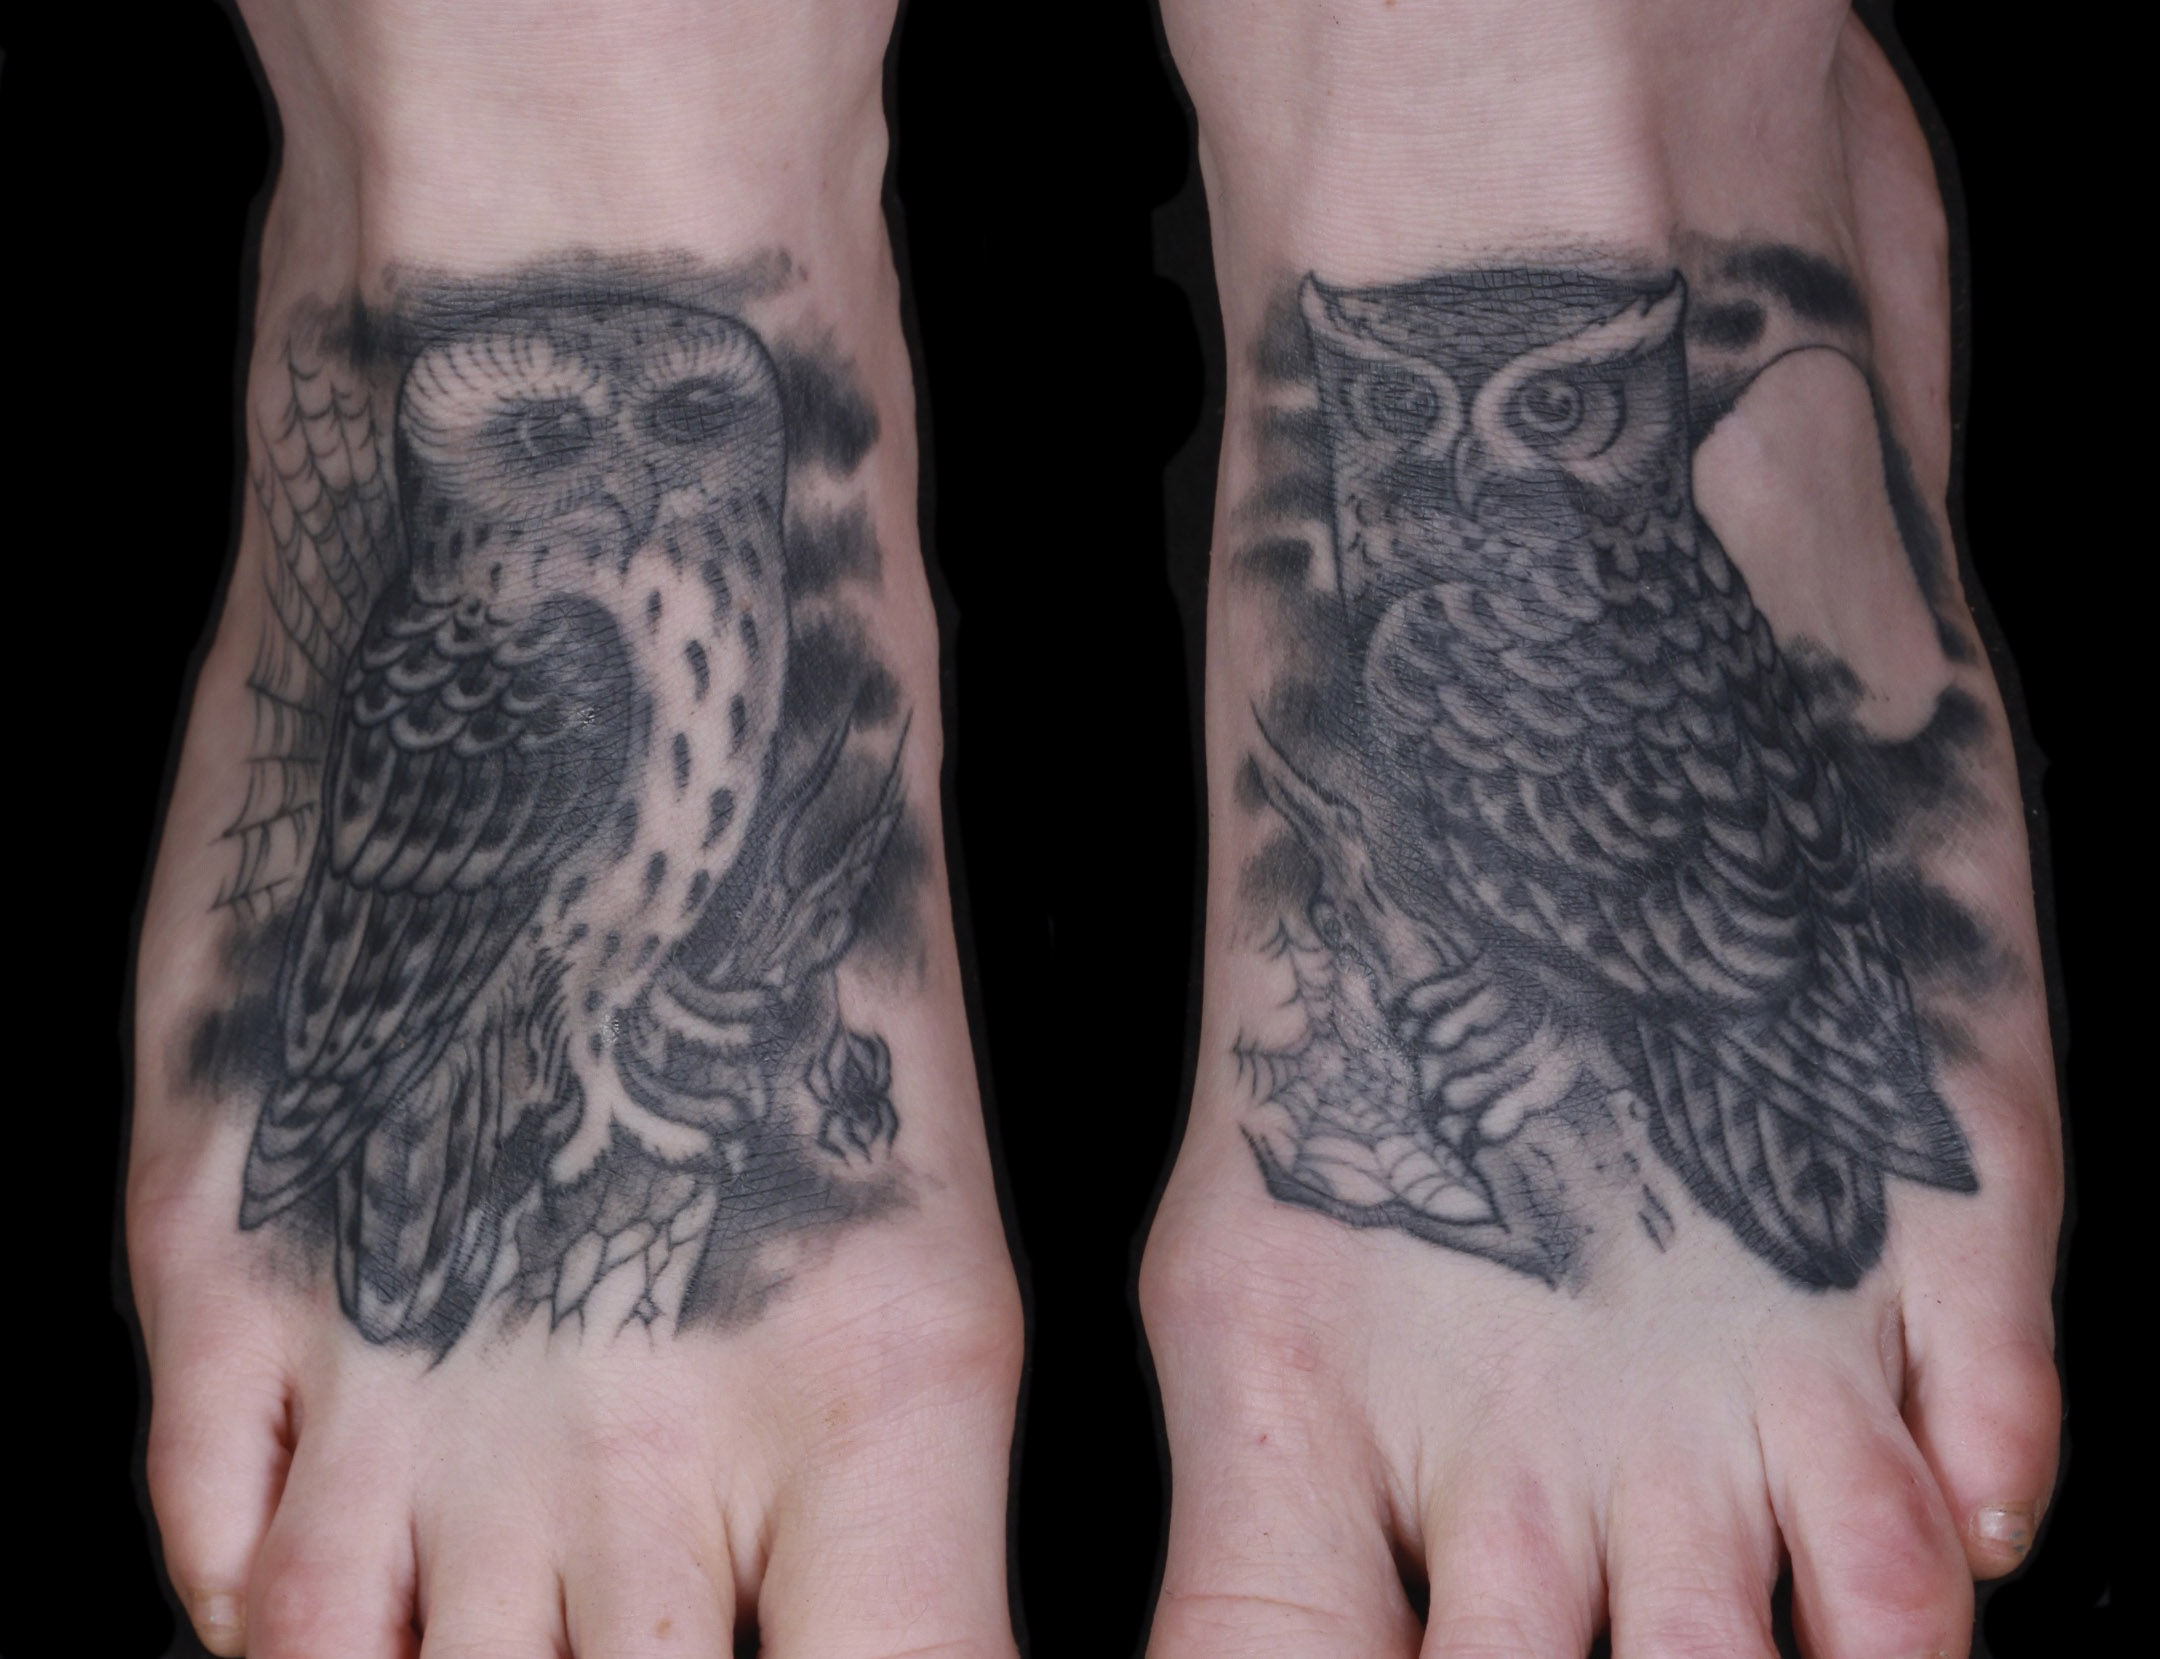 brian-thurow-dedication-tattoo-black-and-grey-owls-feet